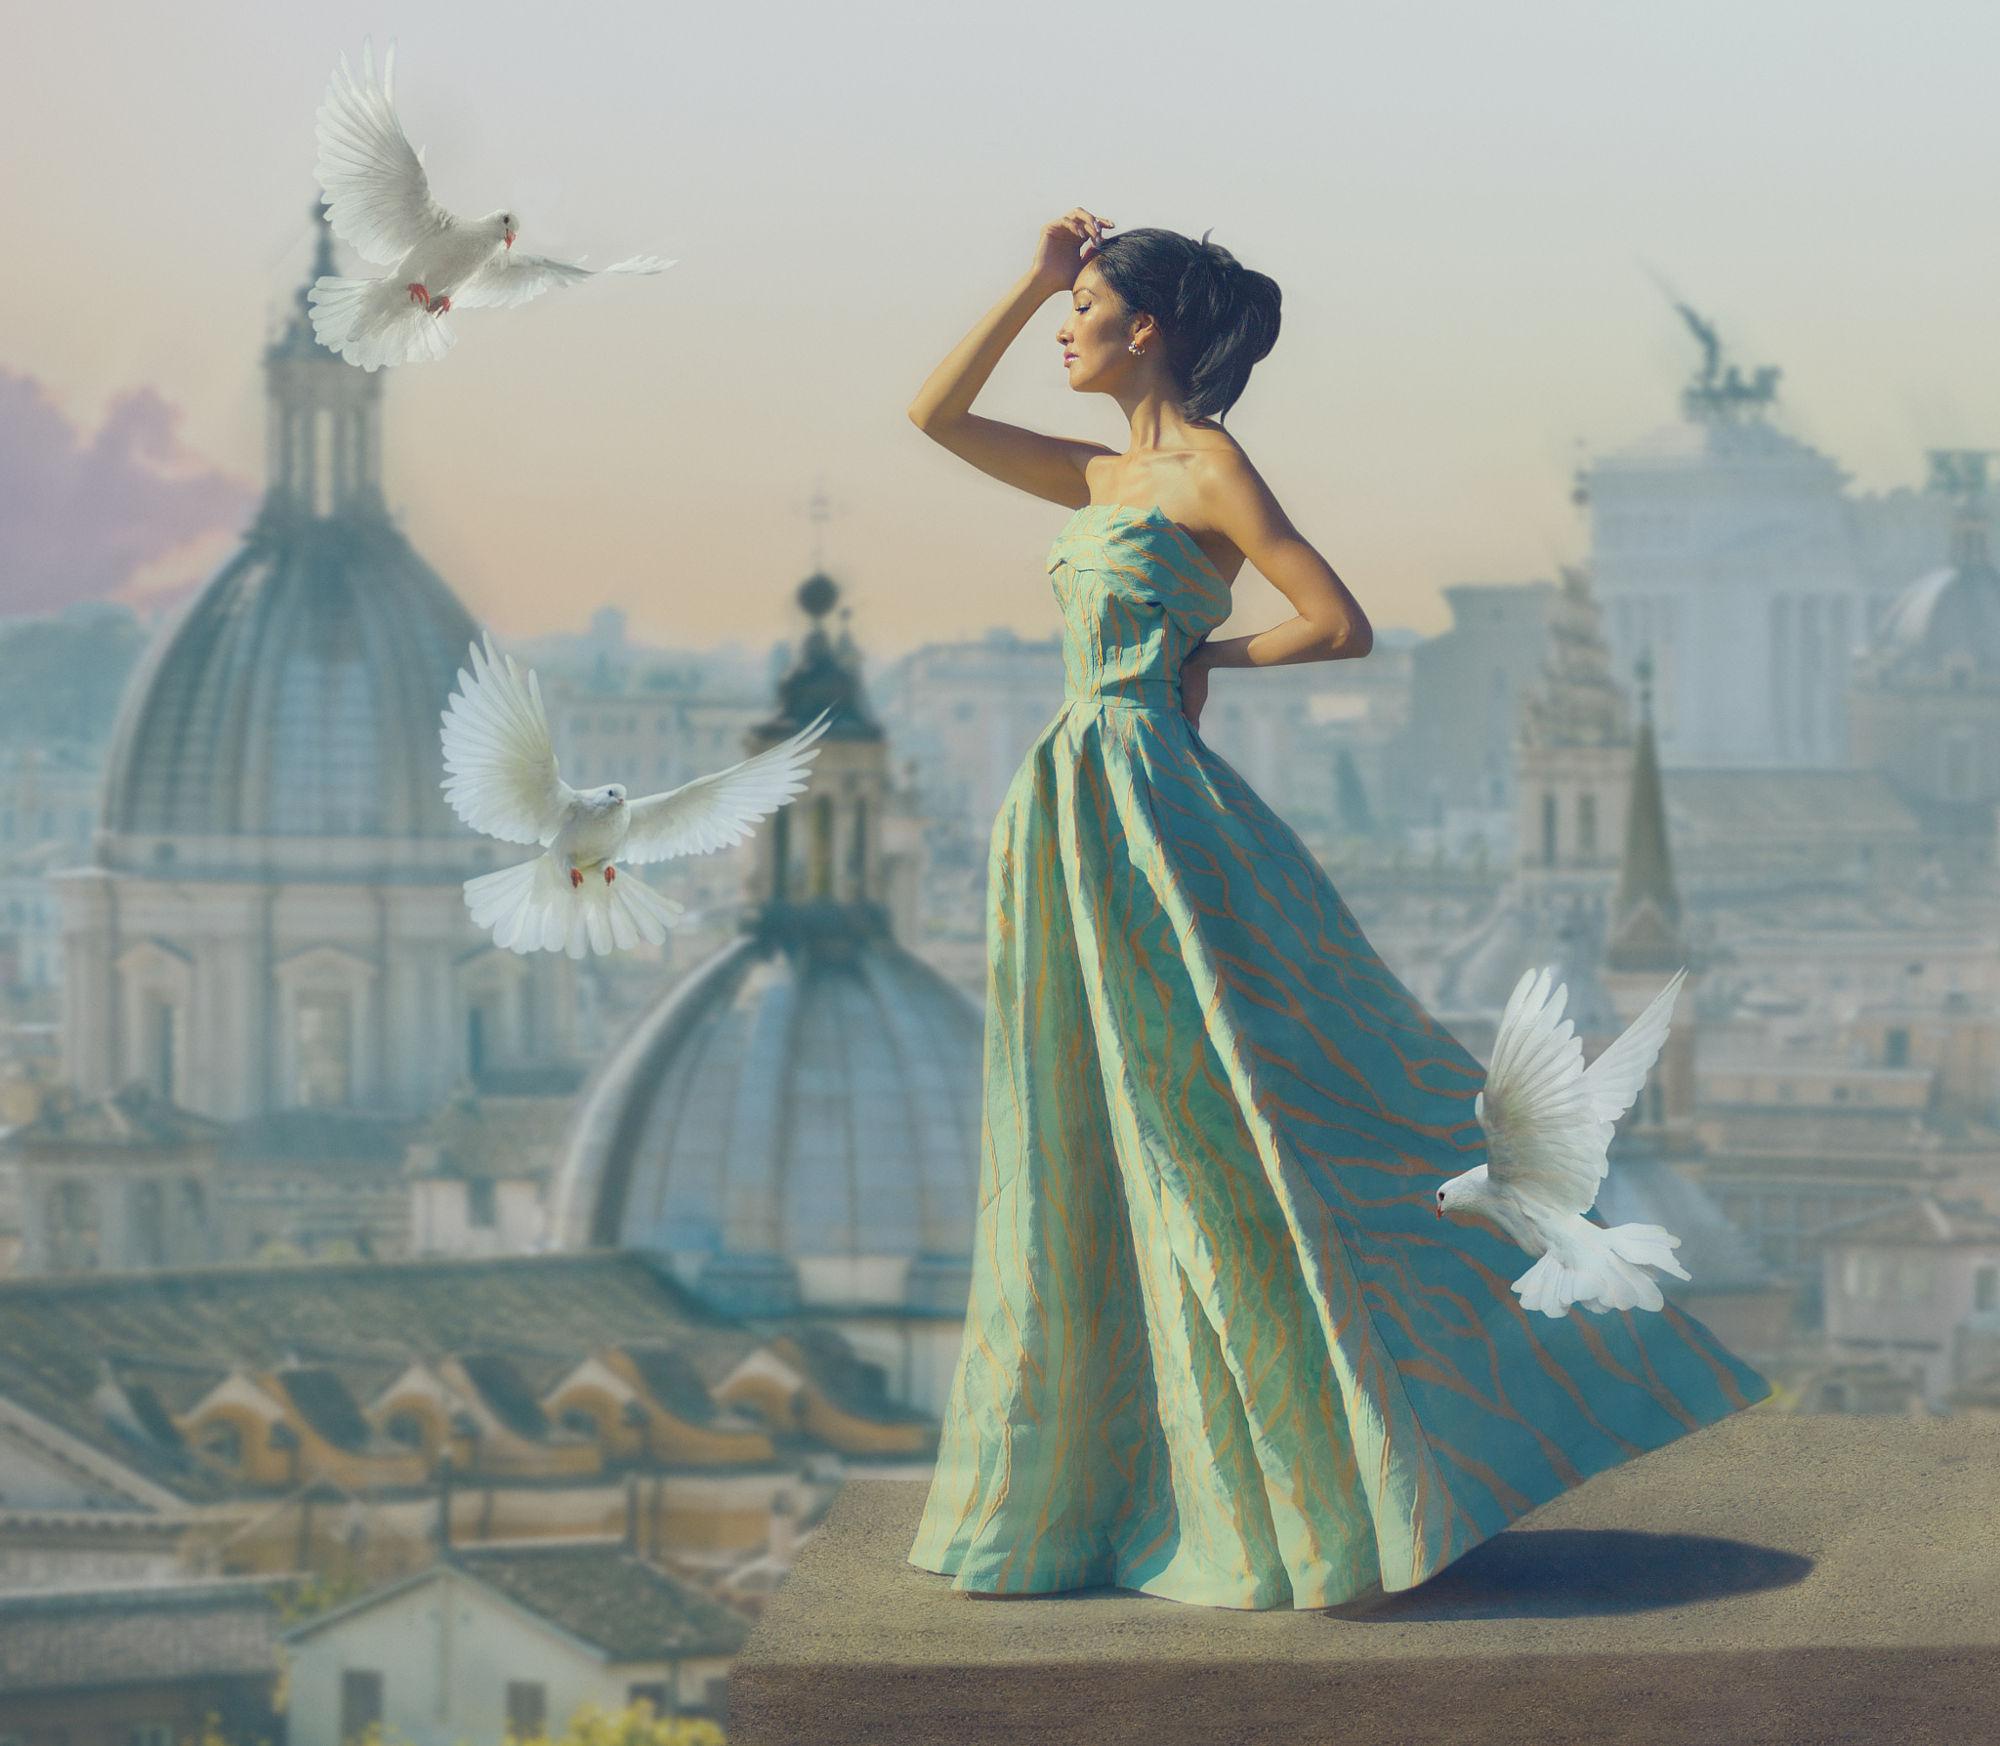 Картинки по запросу женщина с голубями